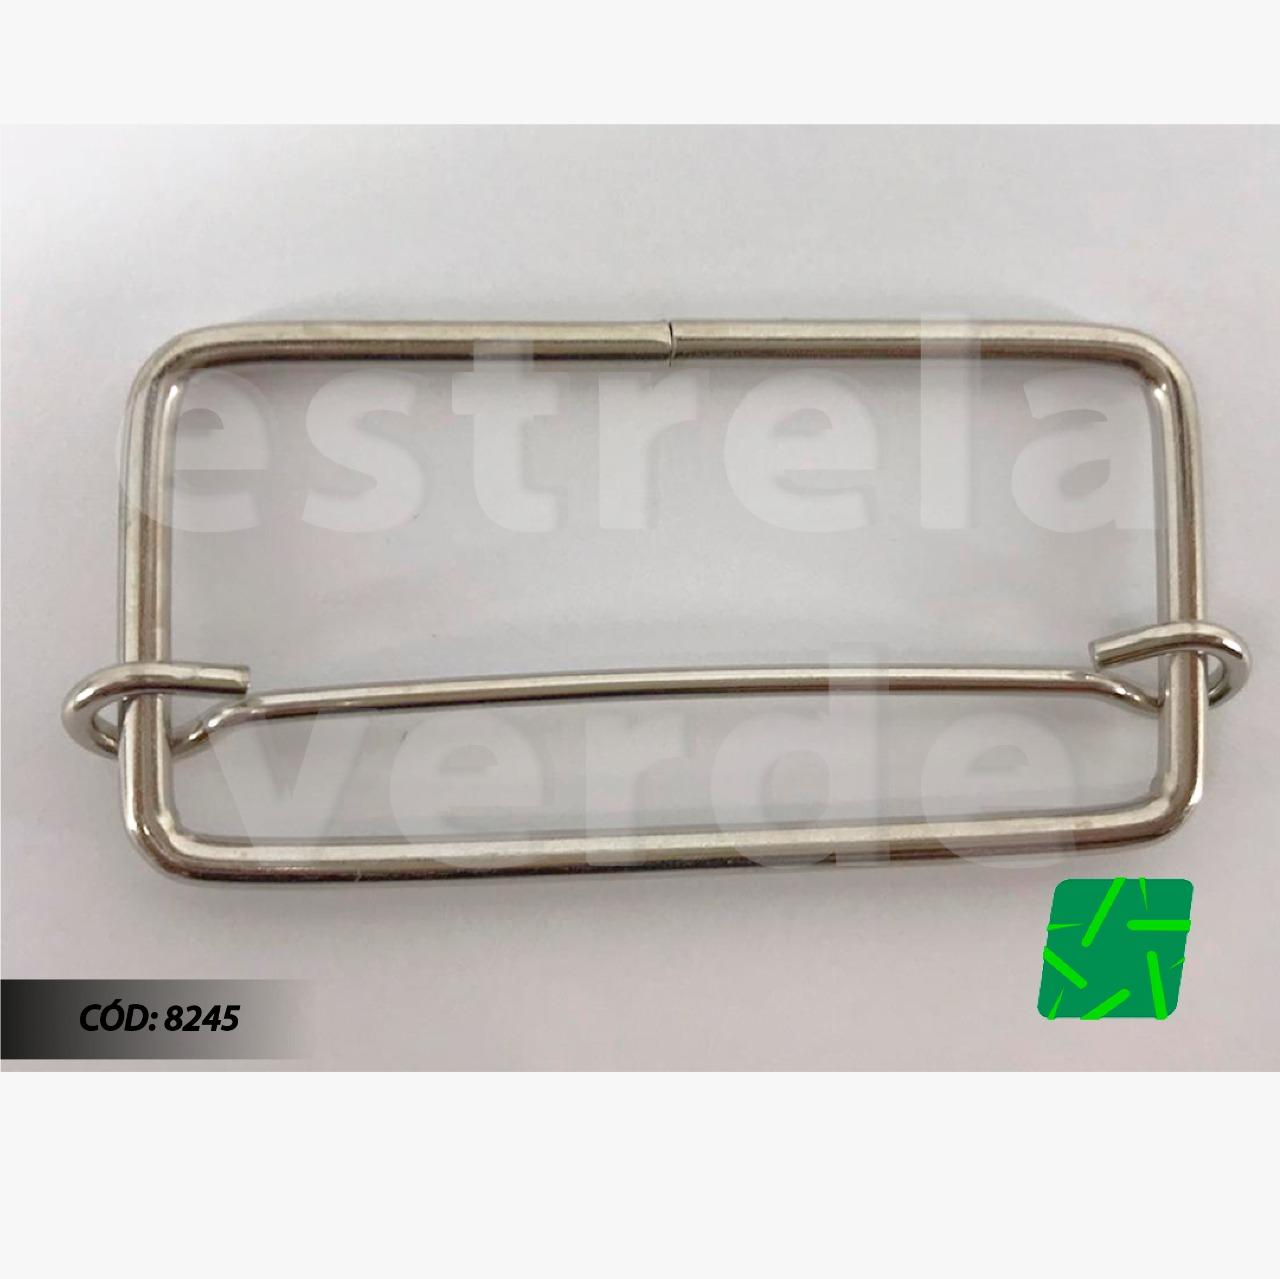 REGULADOR 40X21MM ARAME 3MM 10UN  - Estrela Verde